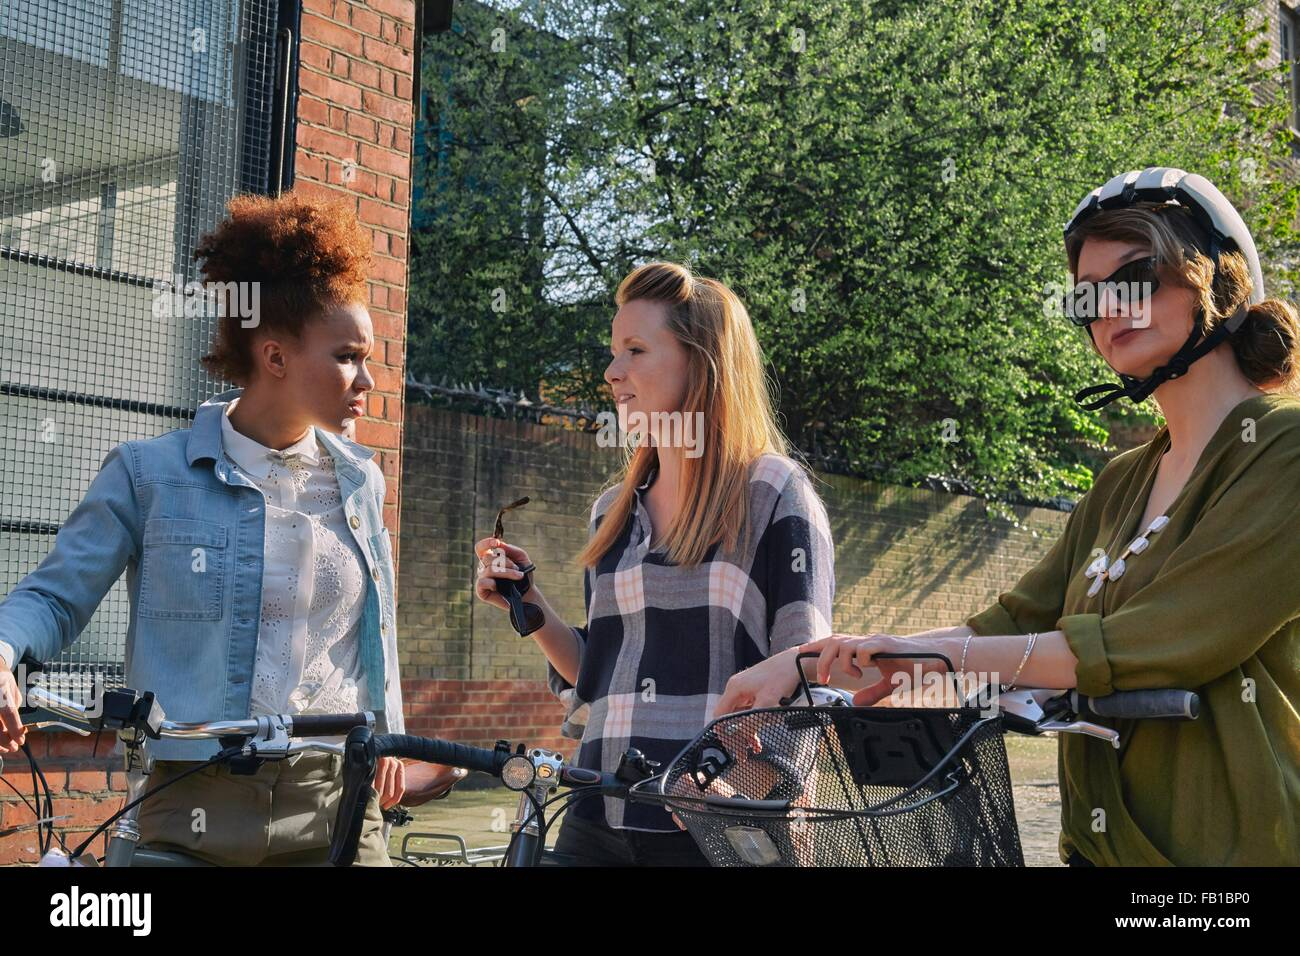 Le donne in area urbana, alla cintura, in piedi tenendo le biciclette in chat Immagini Stock